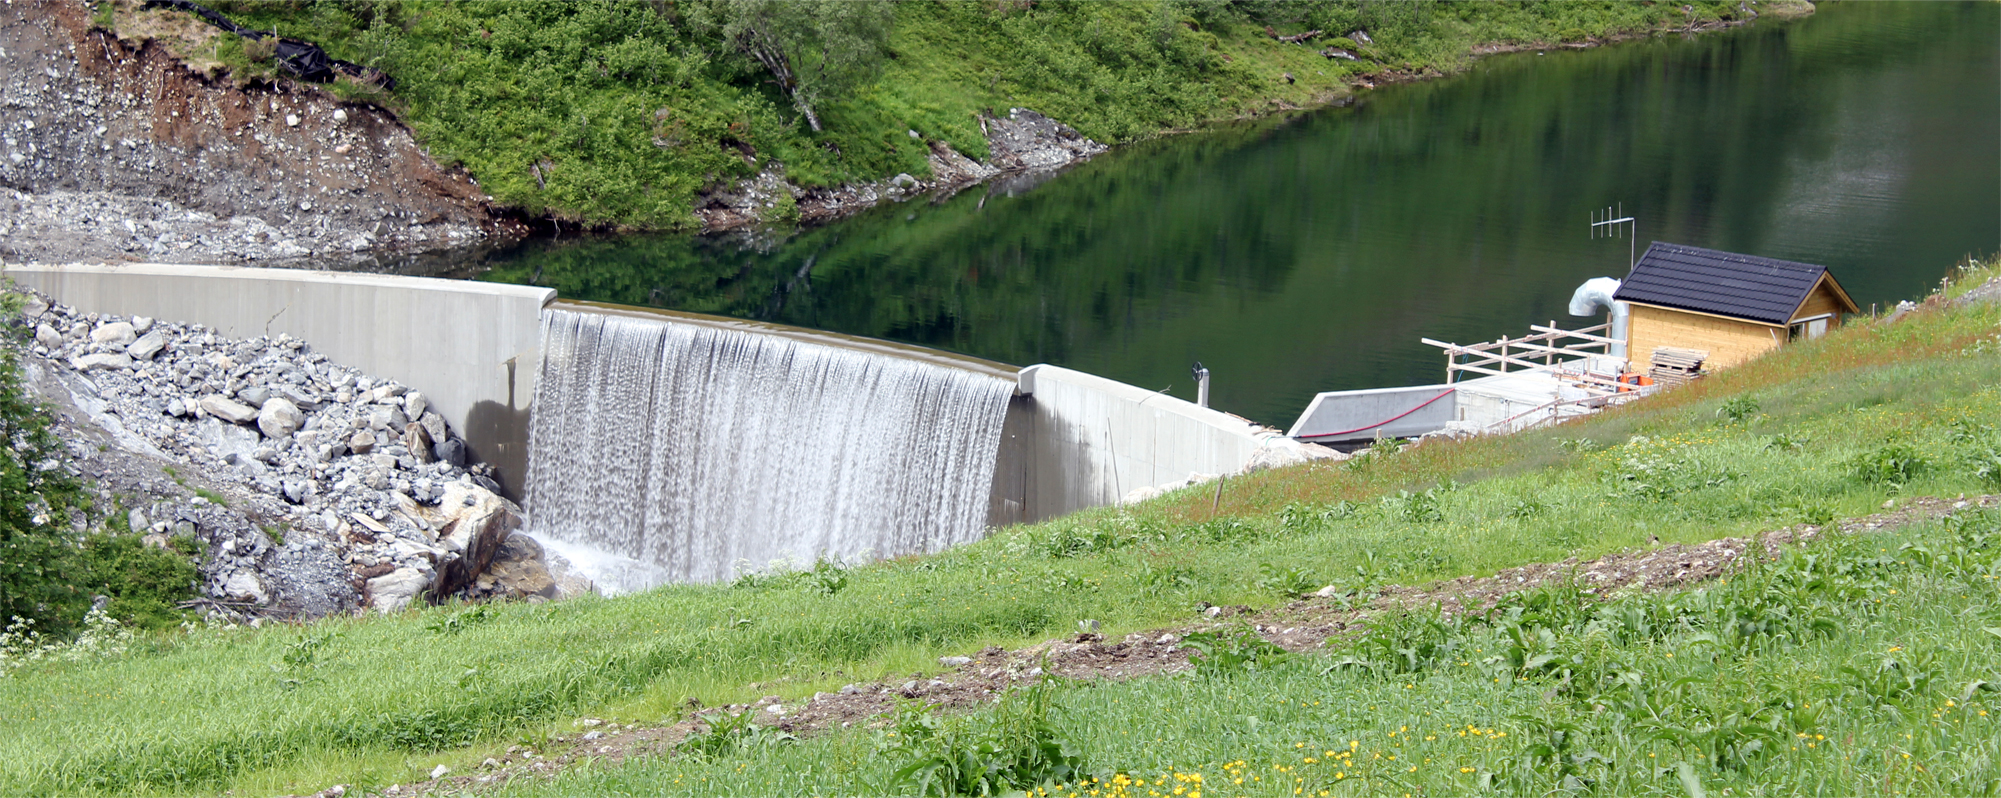 Ringdal Kraftverk   Bystøl utførde detaljprosjekteringa av Ringdal kraftverk i Stranda kommune.   Les meir